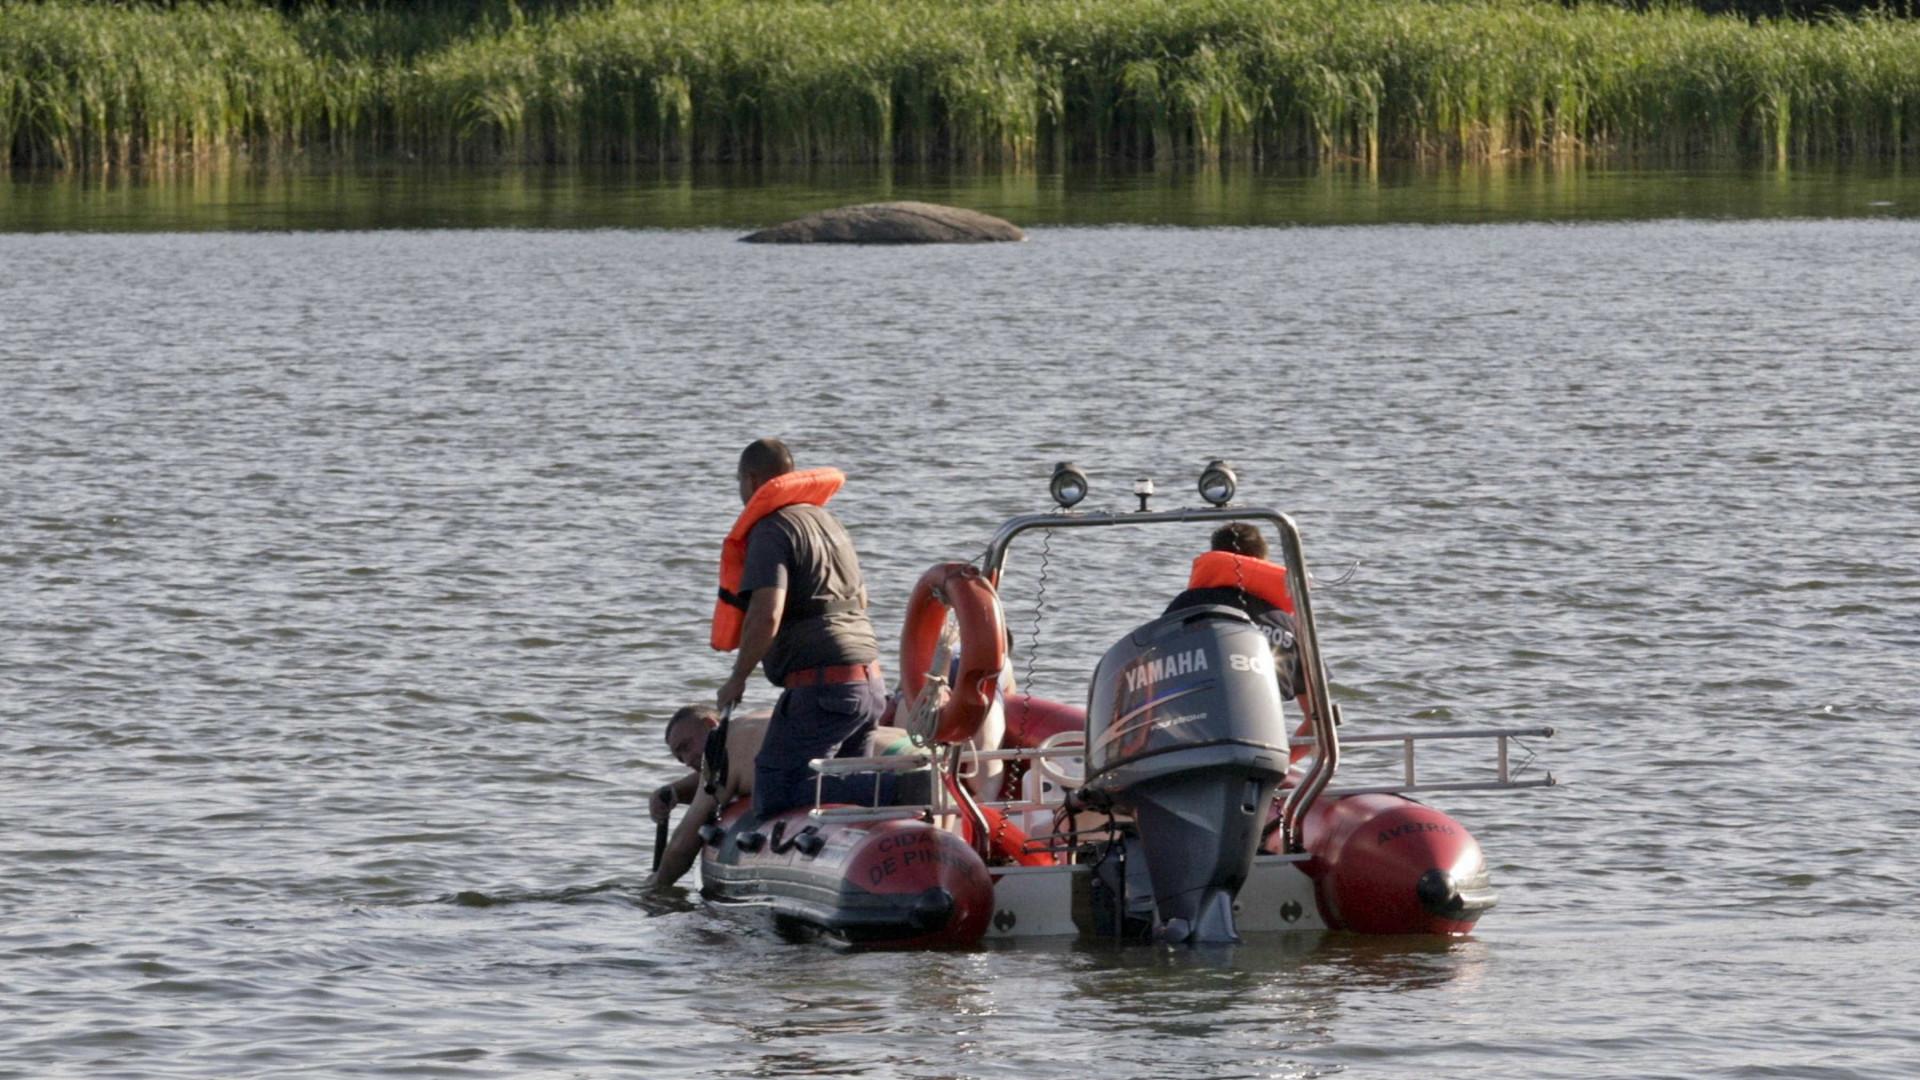 Encontrado corpo de homem desaparecido na barragem de Alandroal